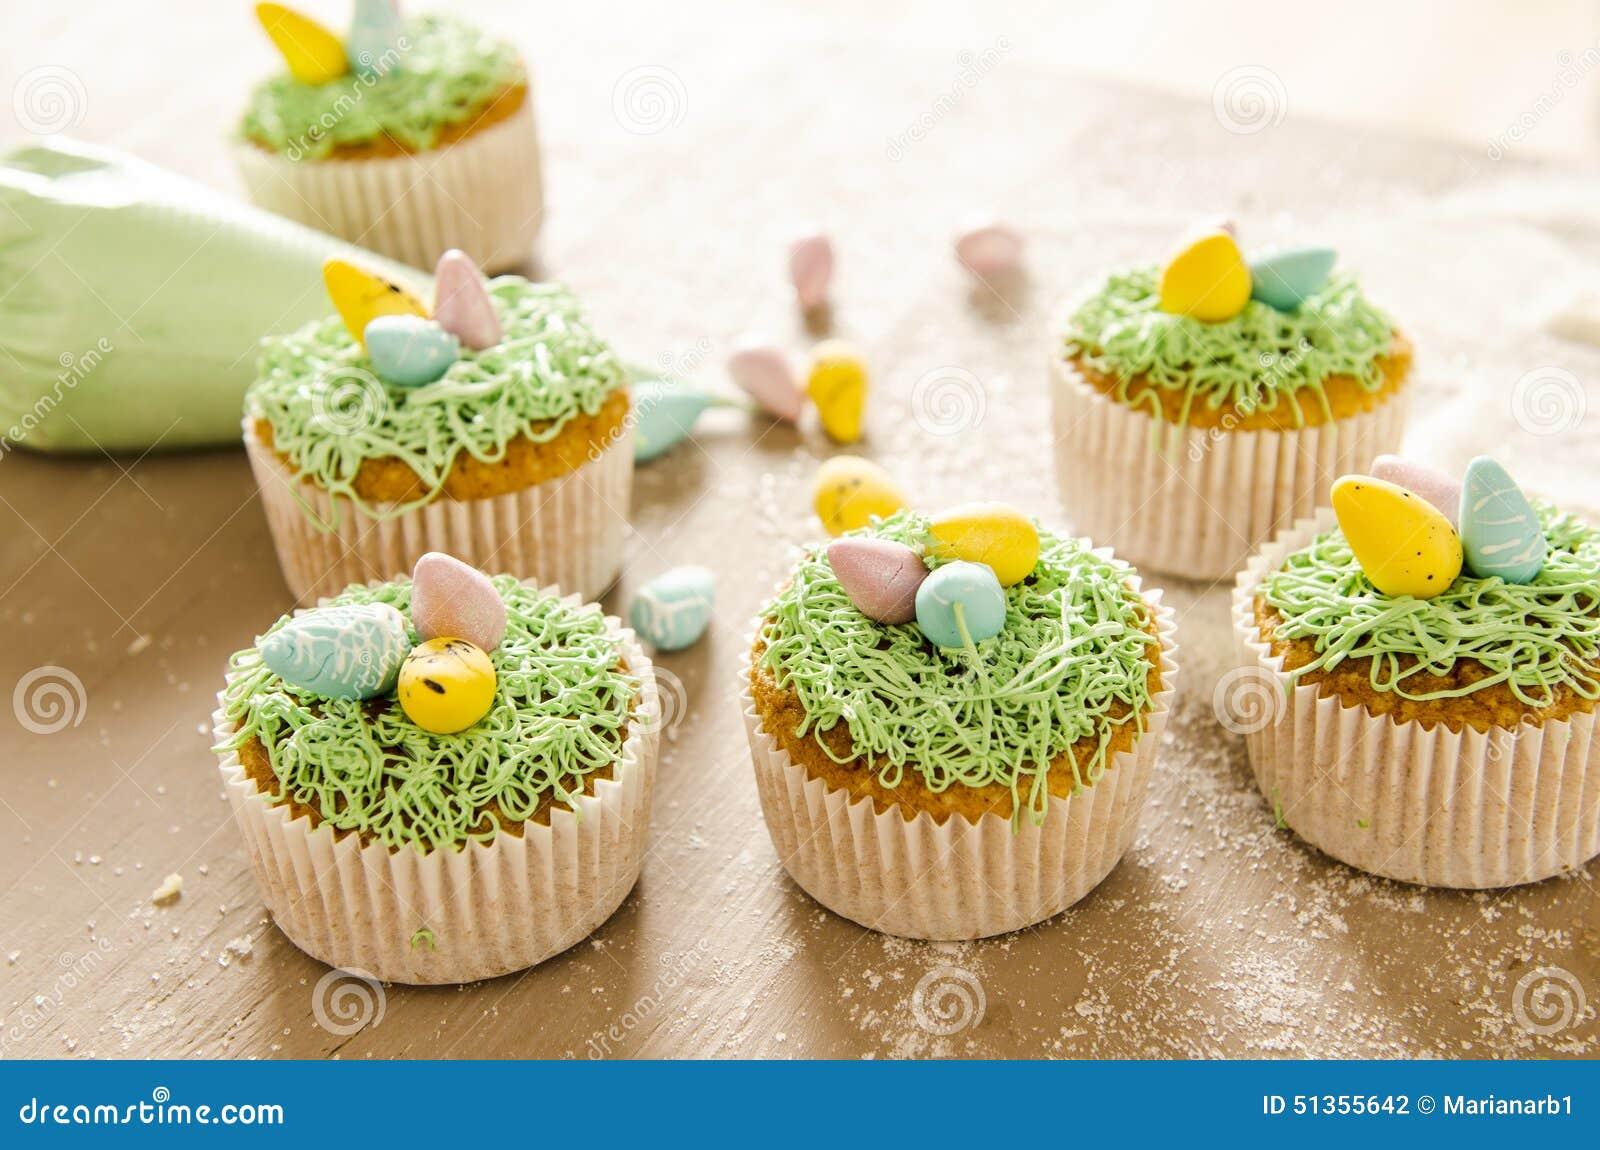 Mooie leuke pasen cupcakes met pasen decoratie stock foto for Decoratie cupcakes